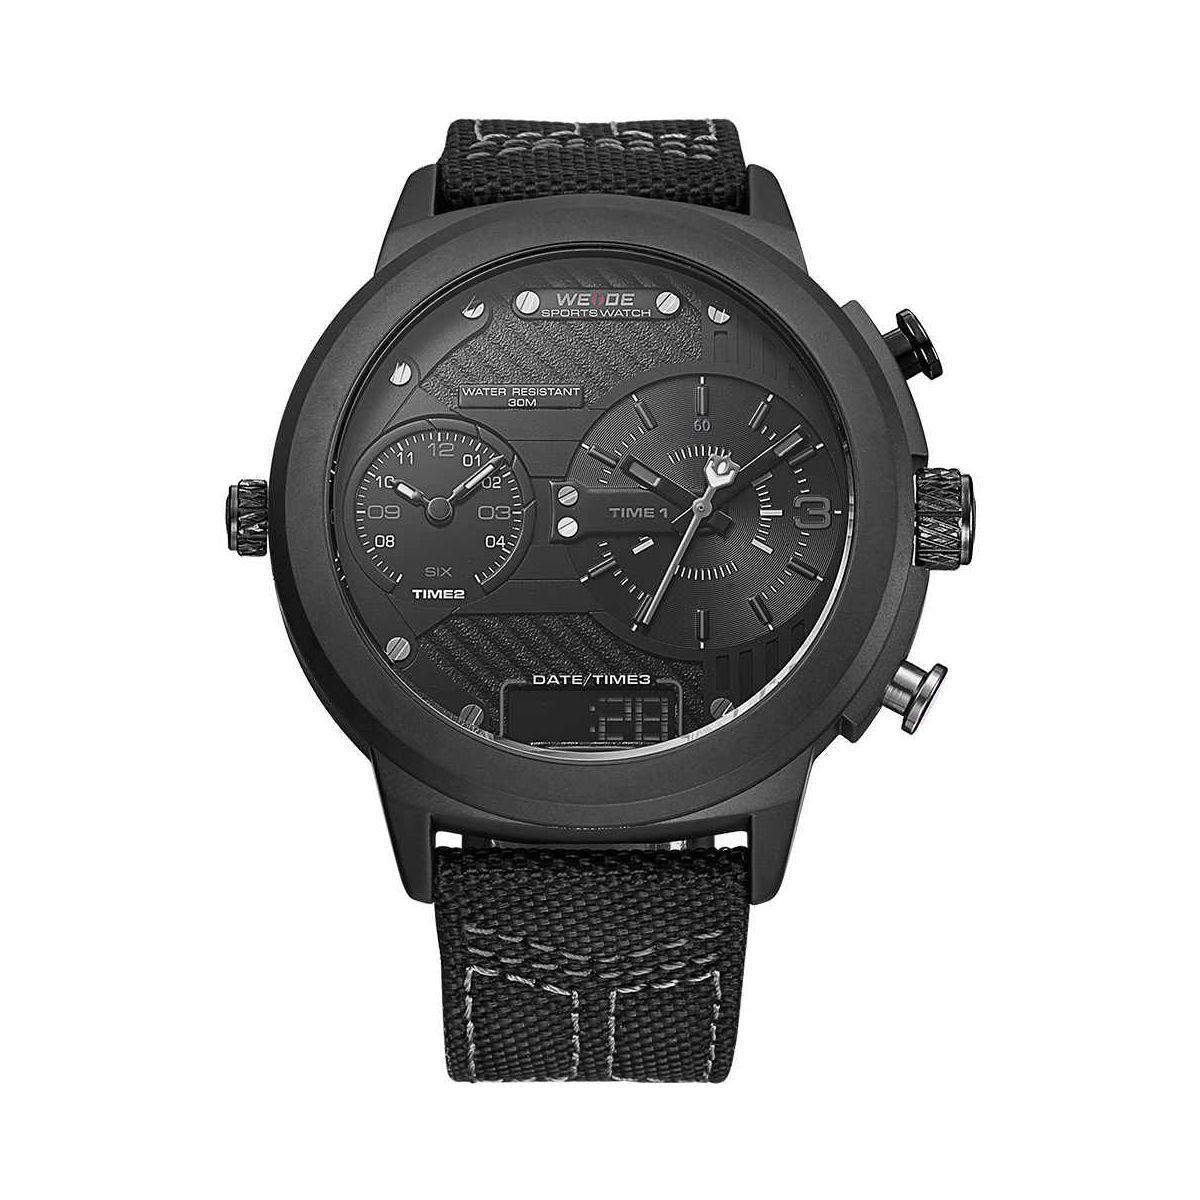 Часы Weide All Black WH6405B-1C (WH6405B-1C)